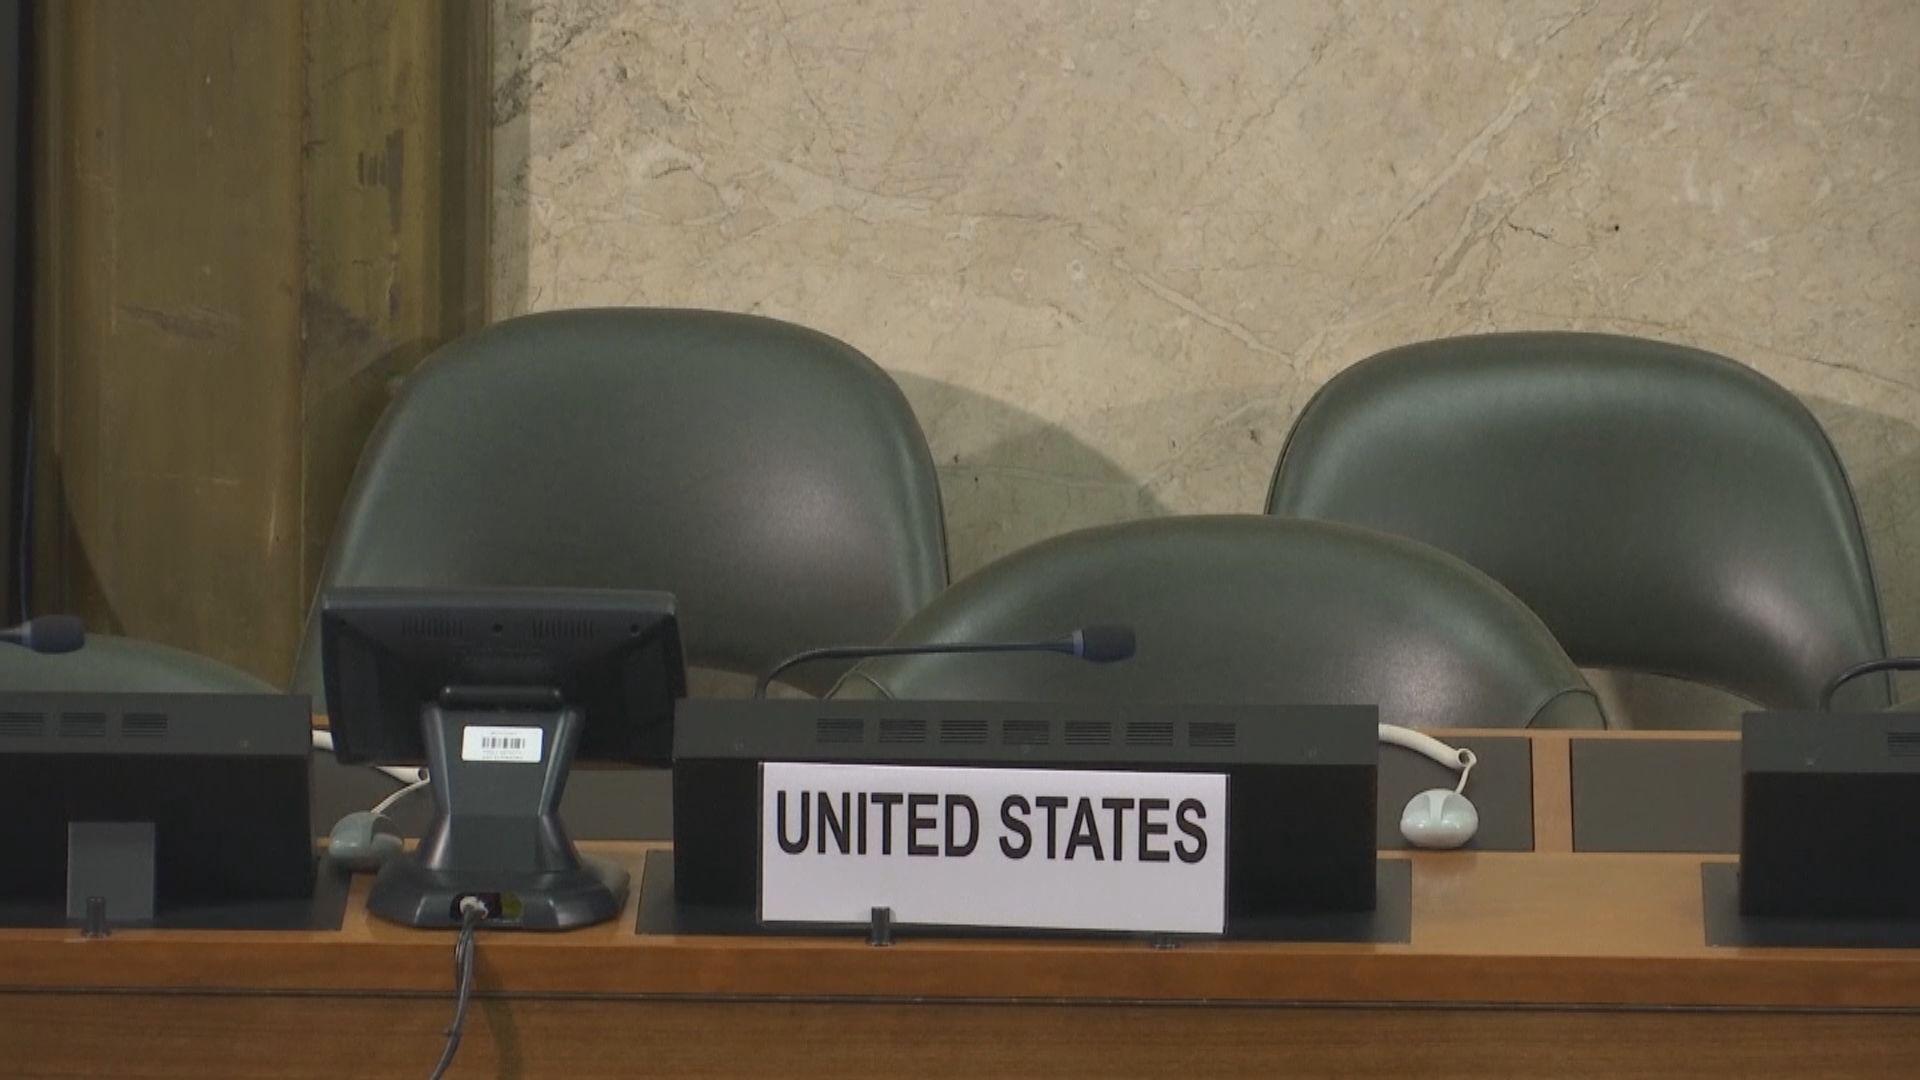 美國代表不滿委內瑞拉主持裁軍會議離場抗議